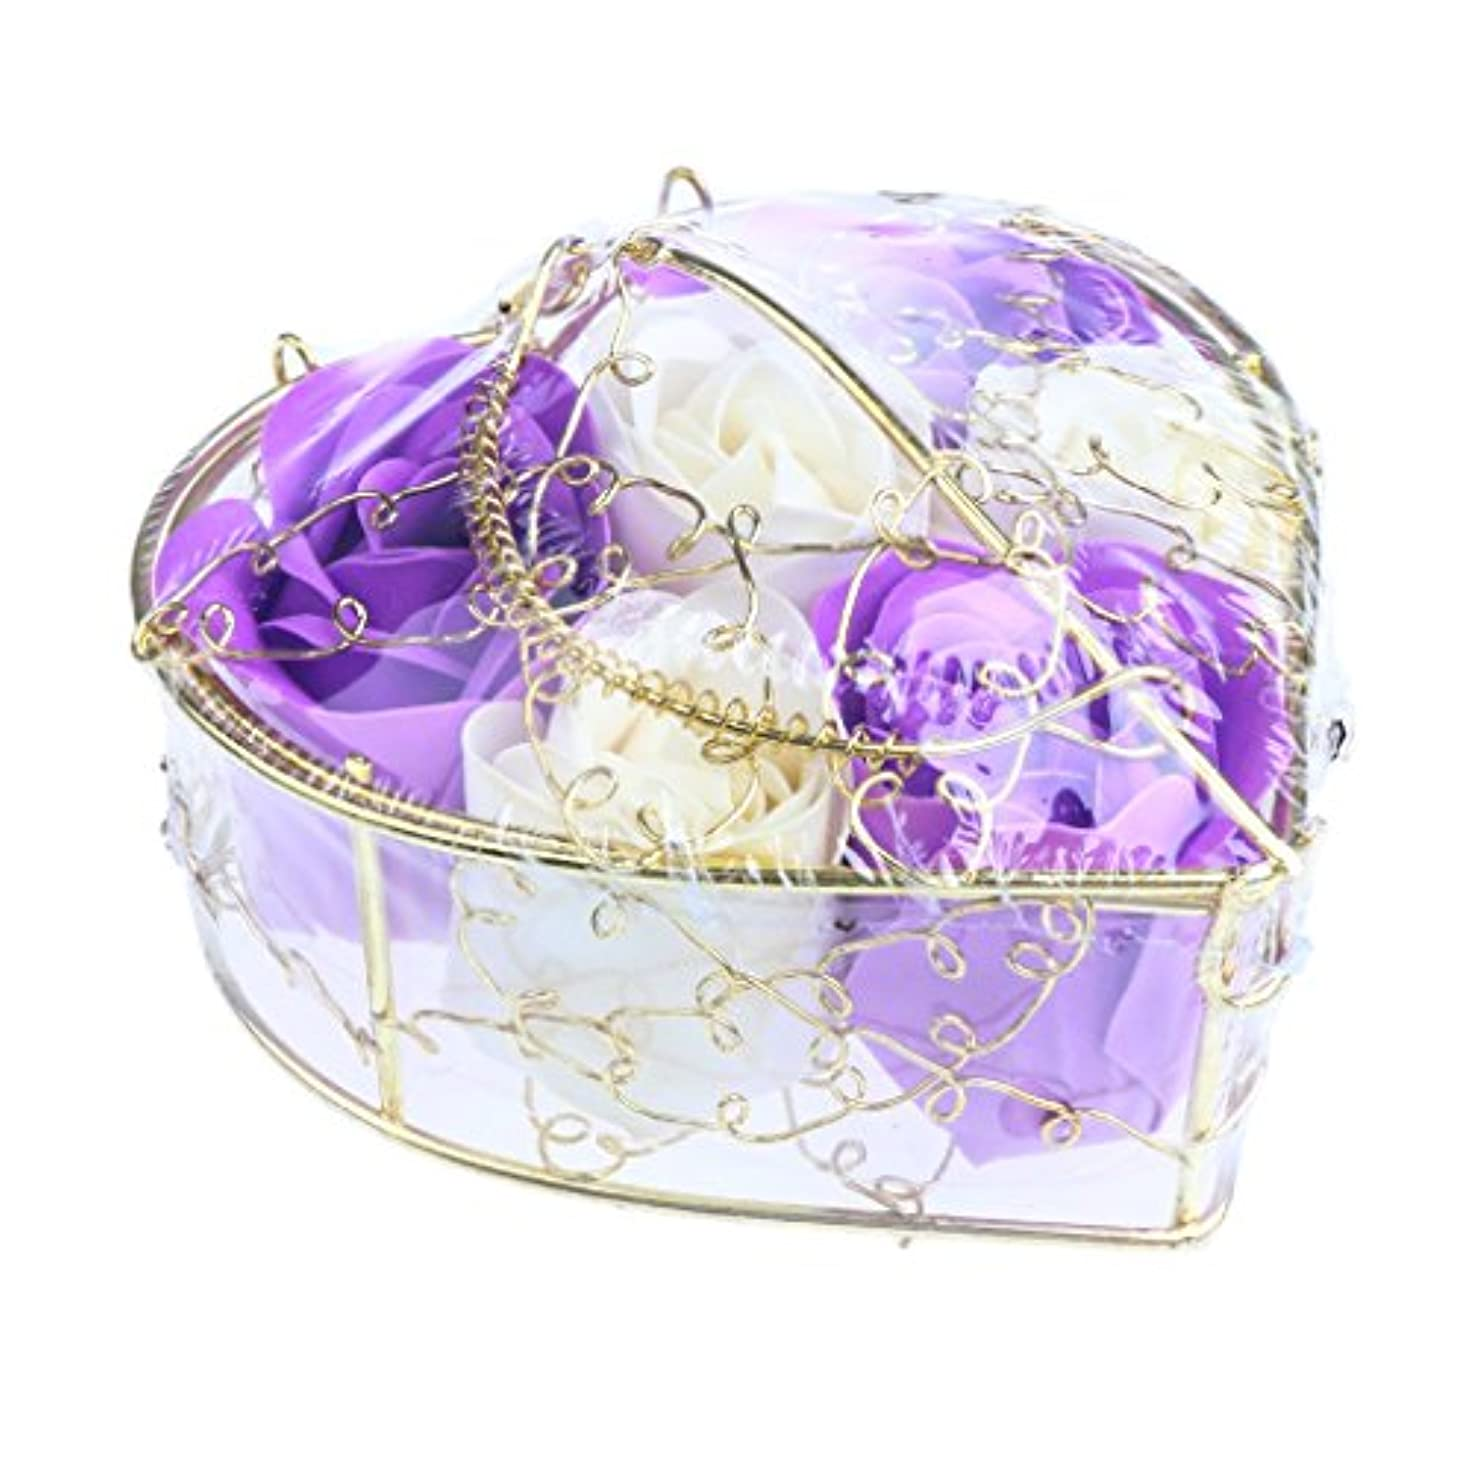 名目上のシートに向かってFenteer 6個 ソープフラワー 石鹸の花 バラ 心の形 ギフトボックス  バレンタインデー  ホワイトデー  母の日 結婚記念日 プレゼント 全5タイプ選べる - 紫と白